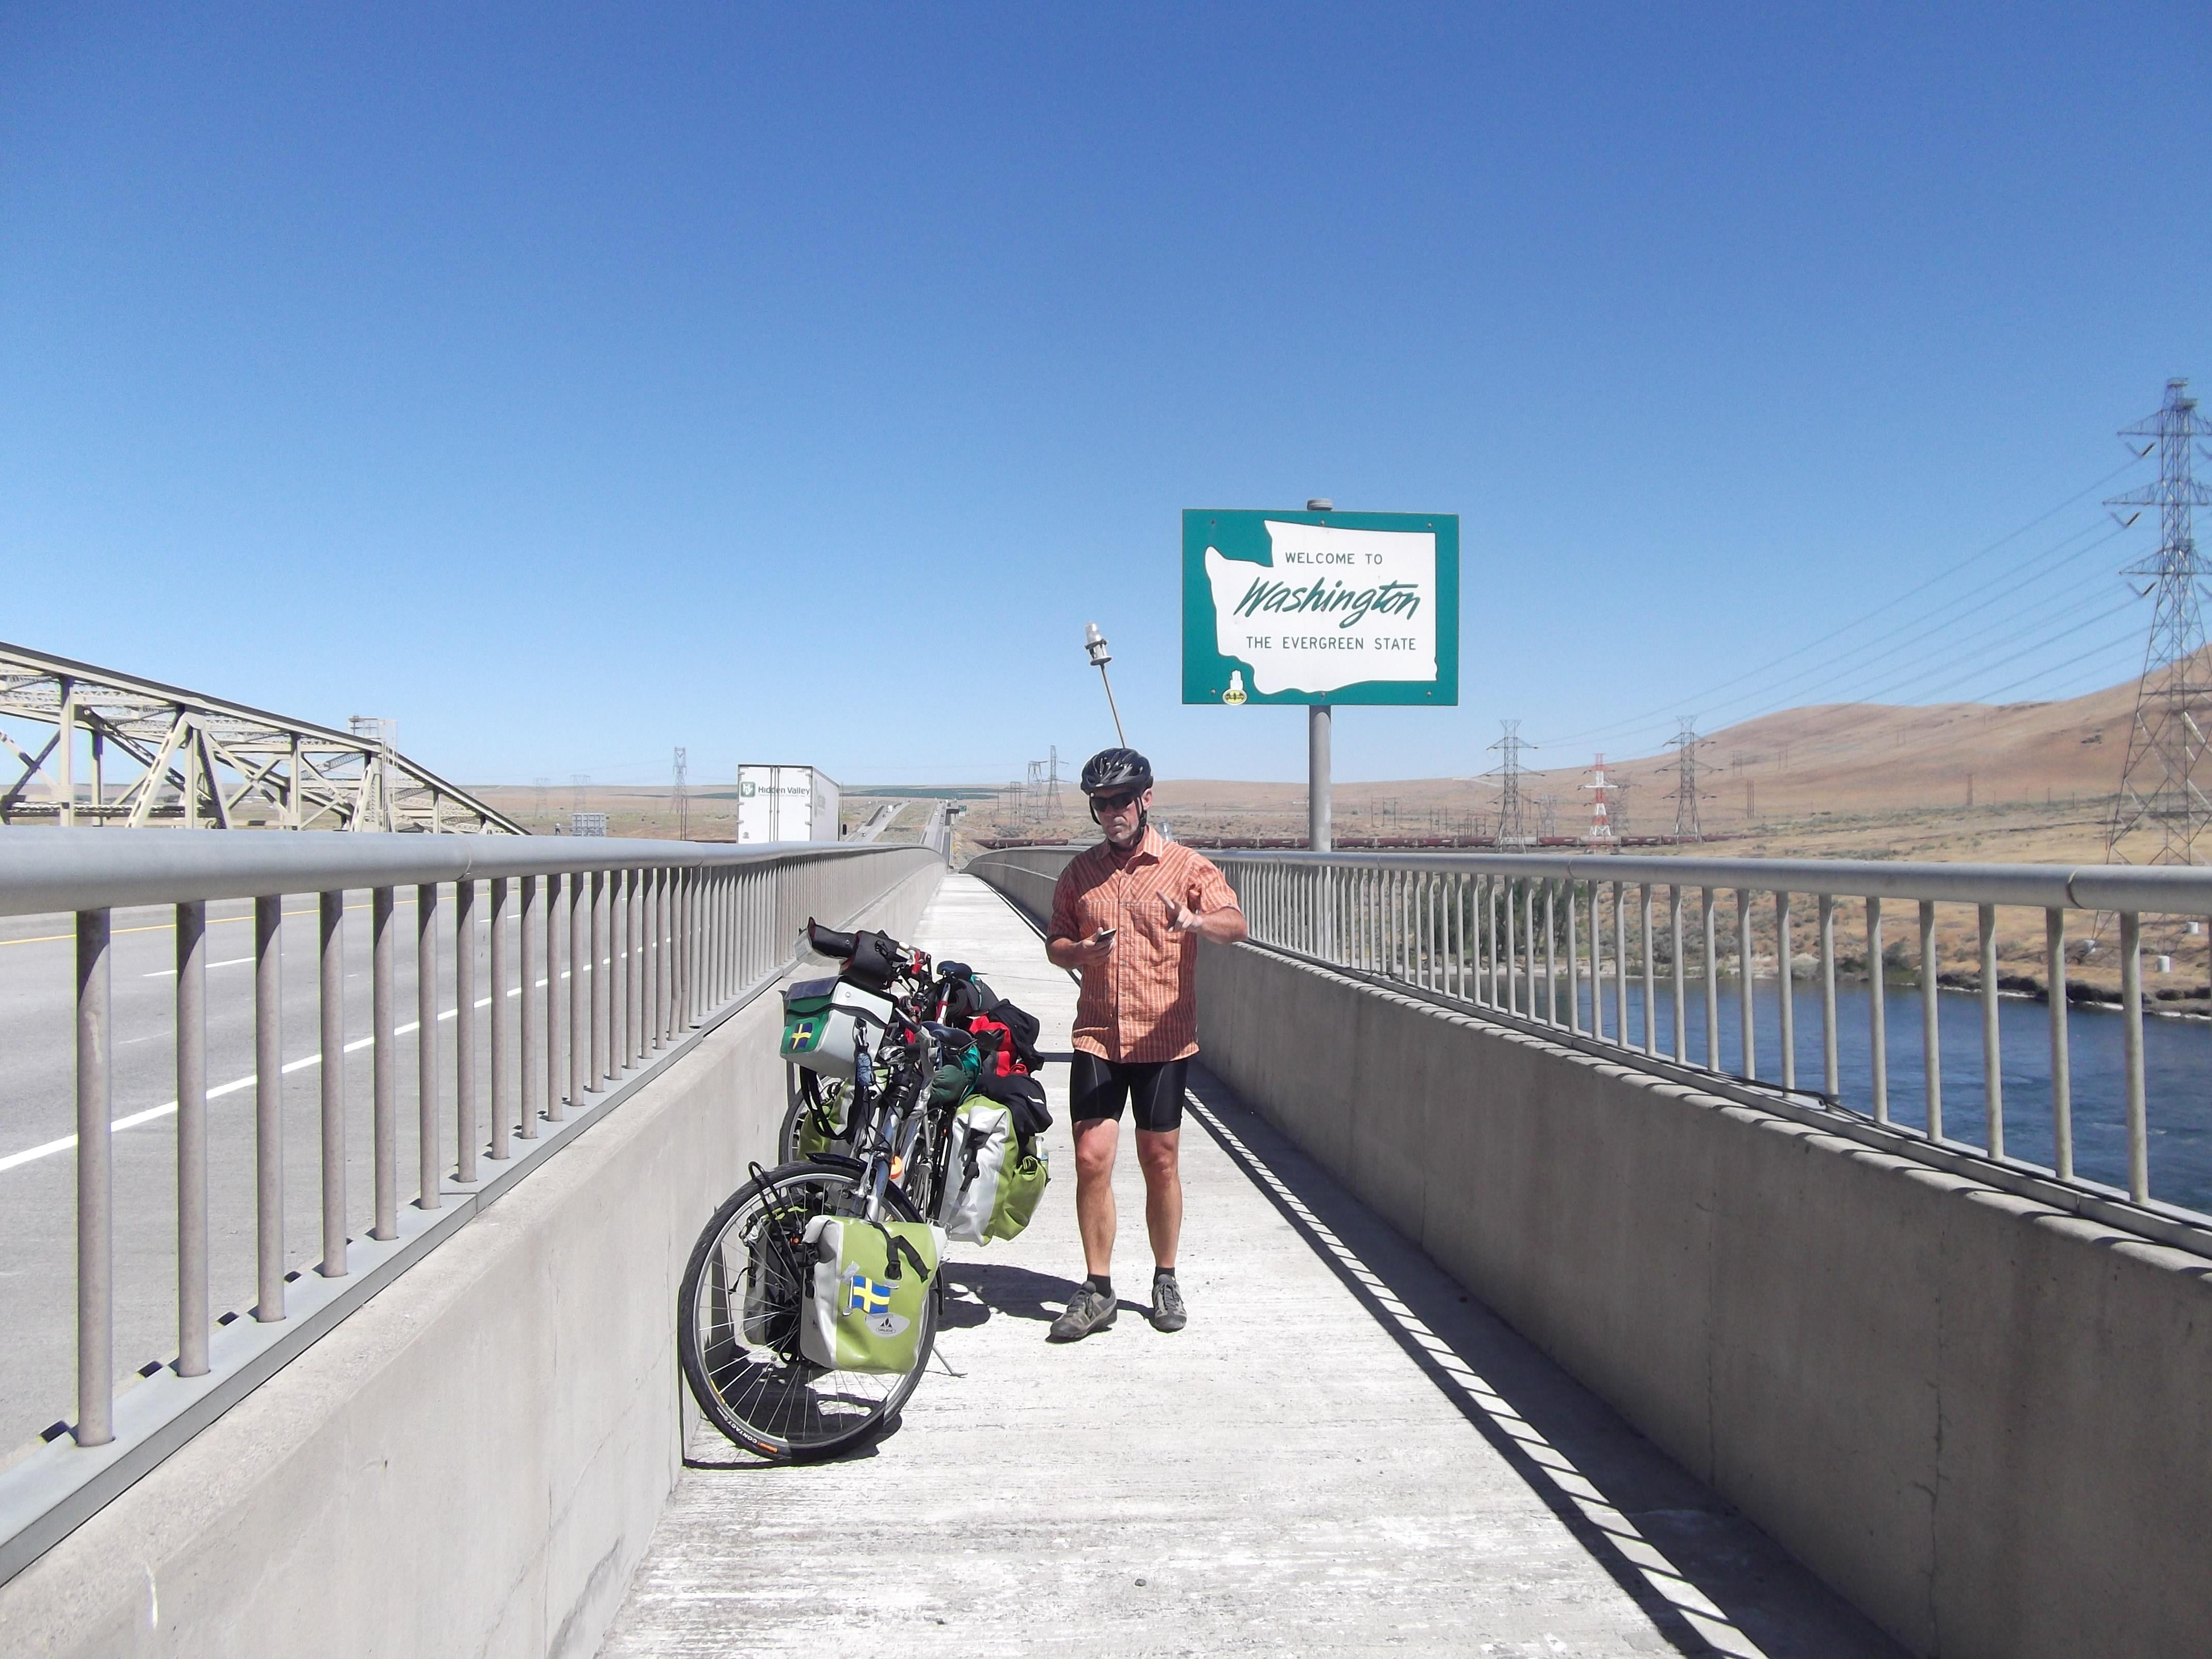 På väg över bron till Umatilla. Gräns mellan Washington och Oregon